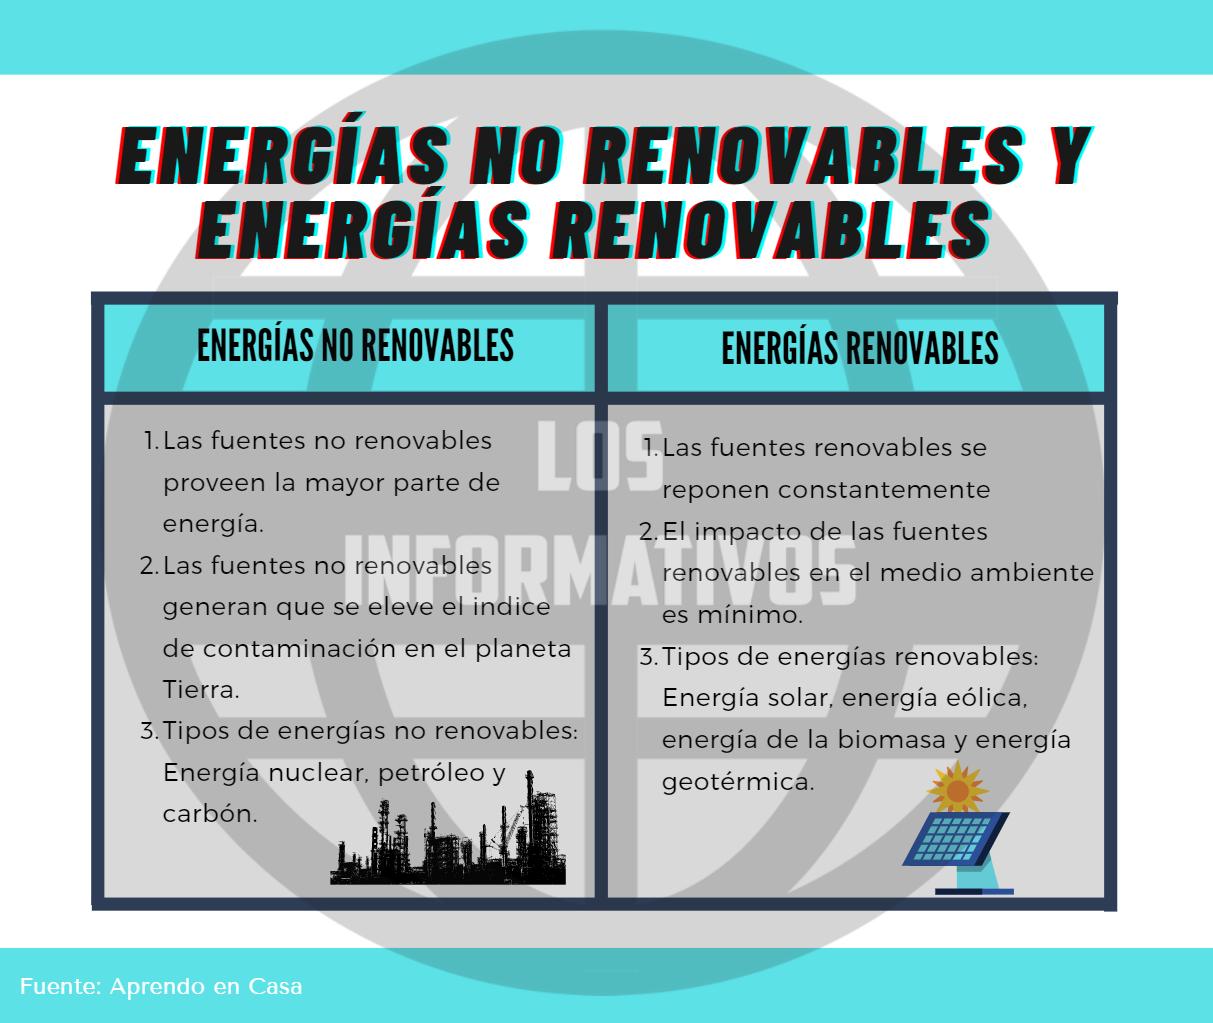 Energías no renovables y energías renovables